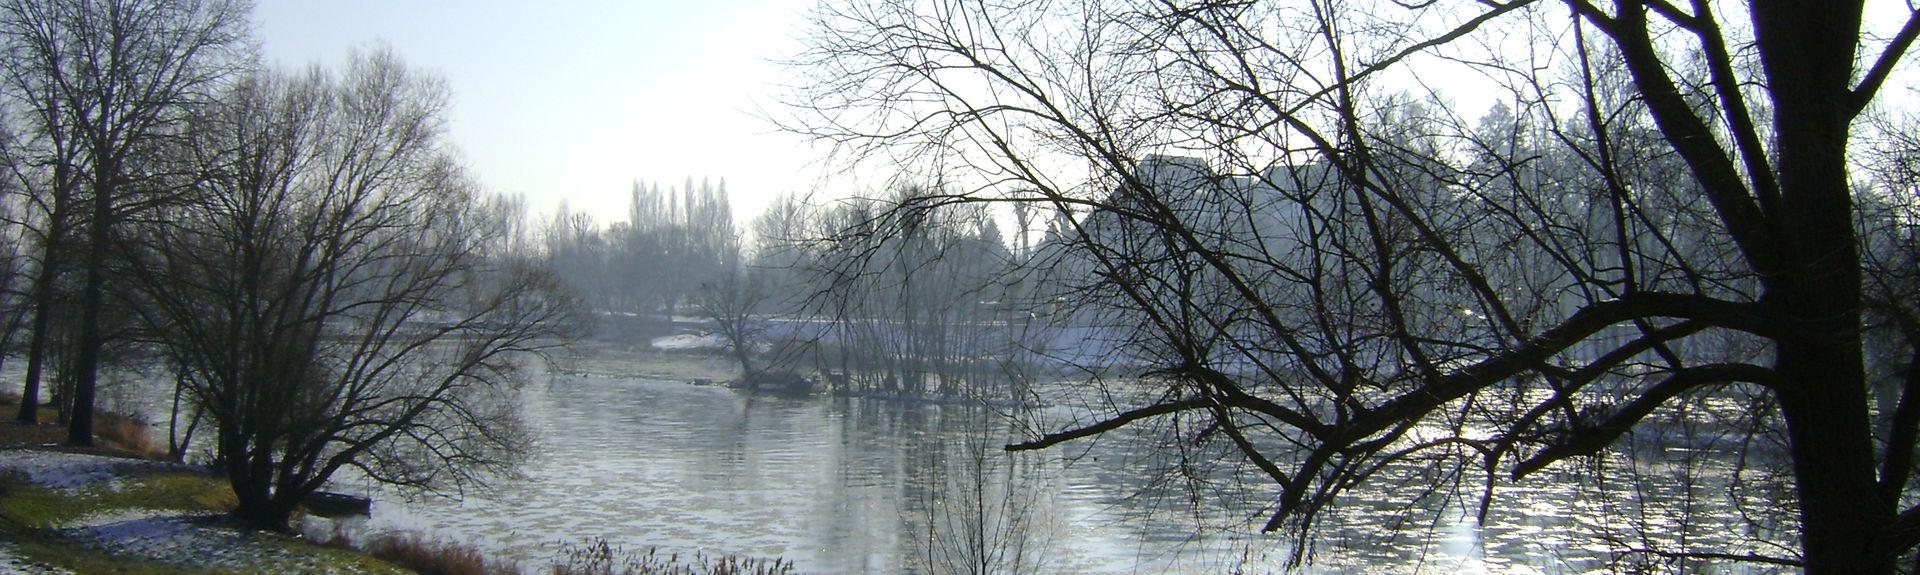 Dierre, Centre - Val de Loire, France